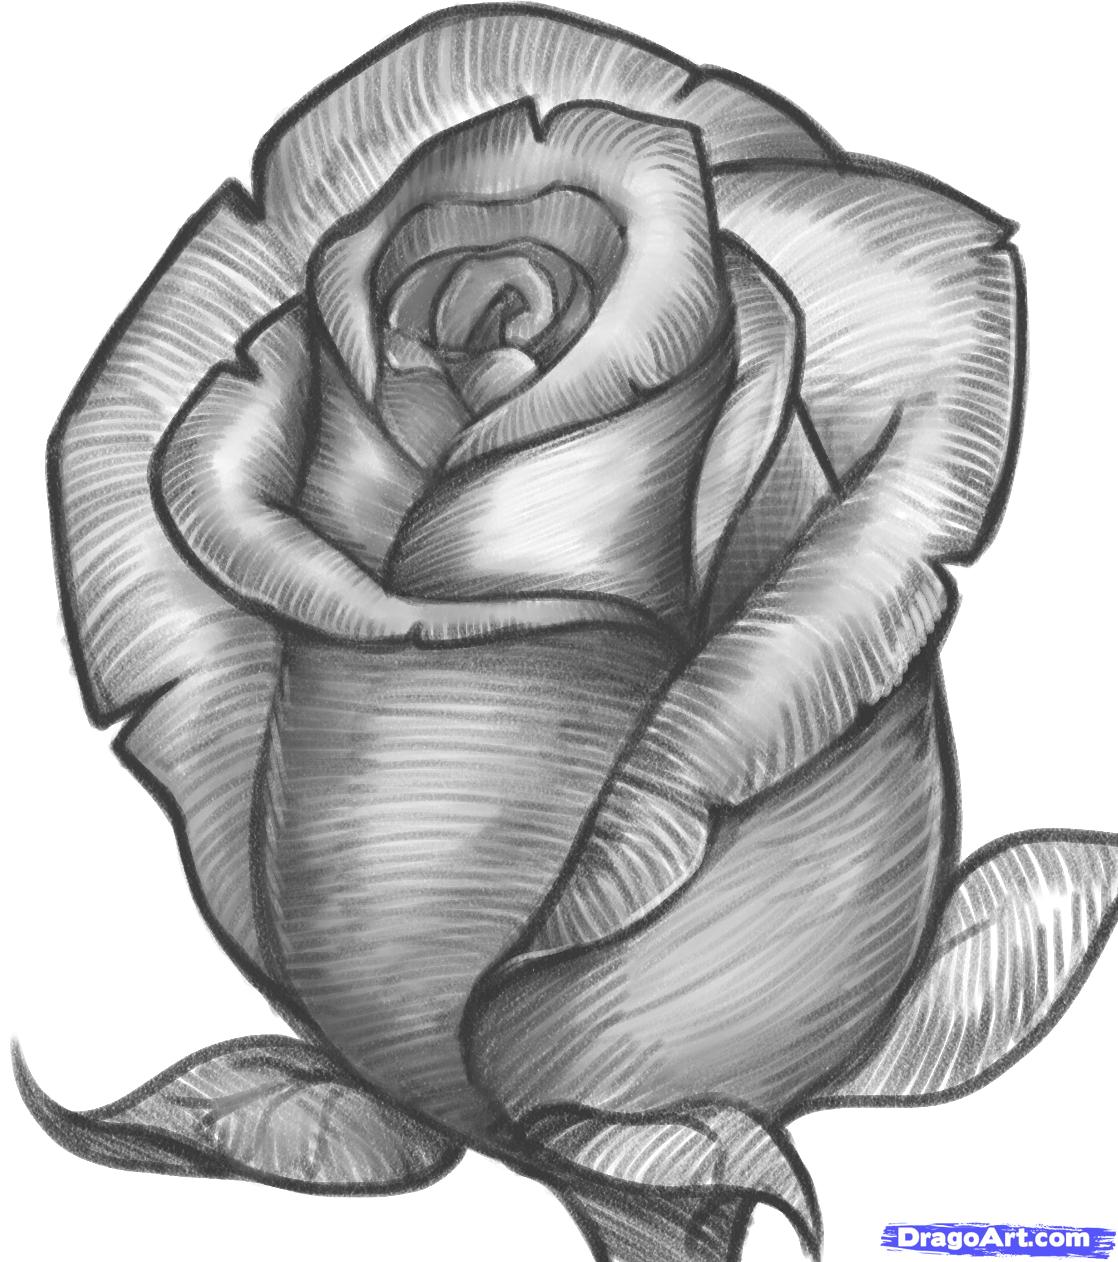 Drawn red rose dragoart A Bud Culture Rose Pop